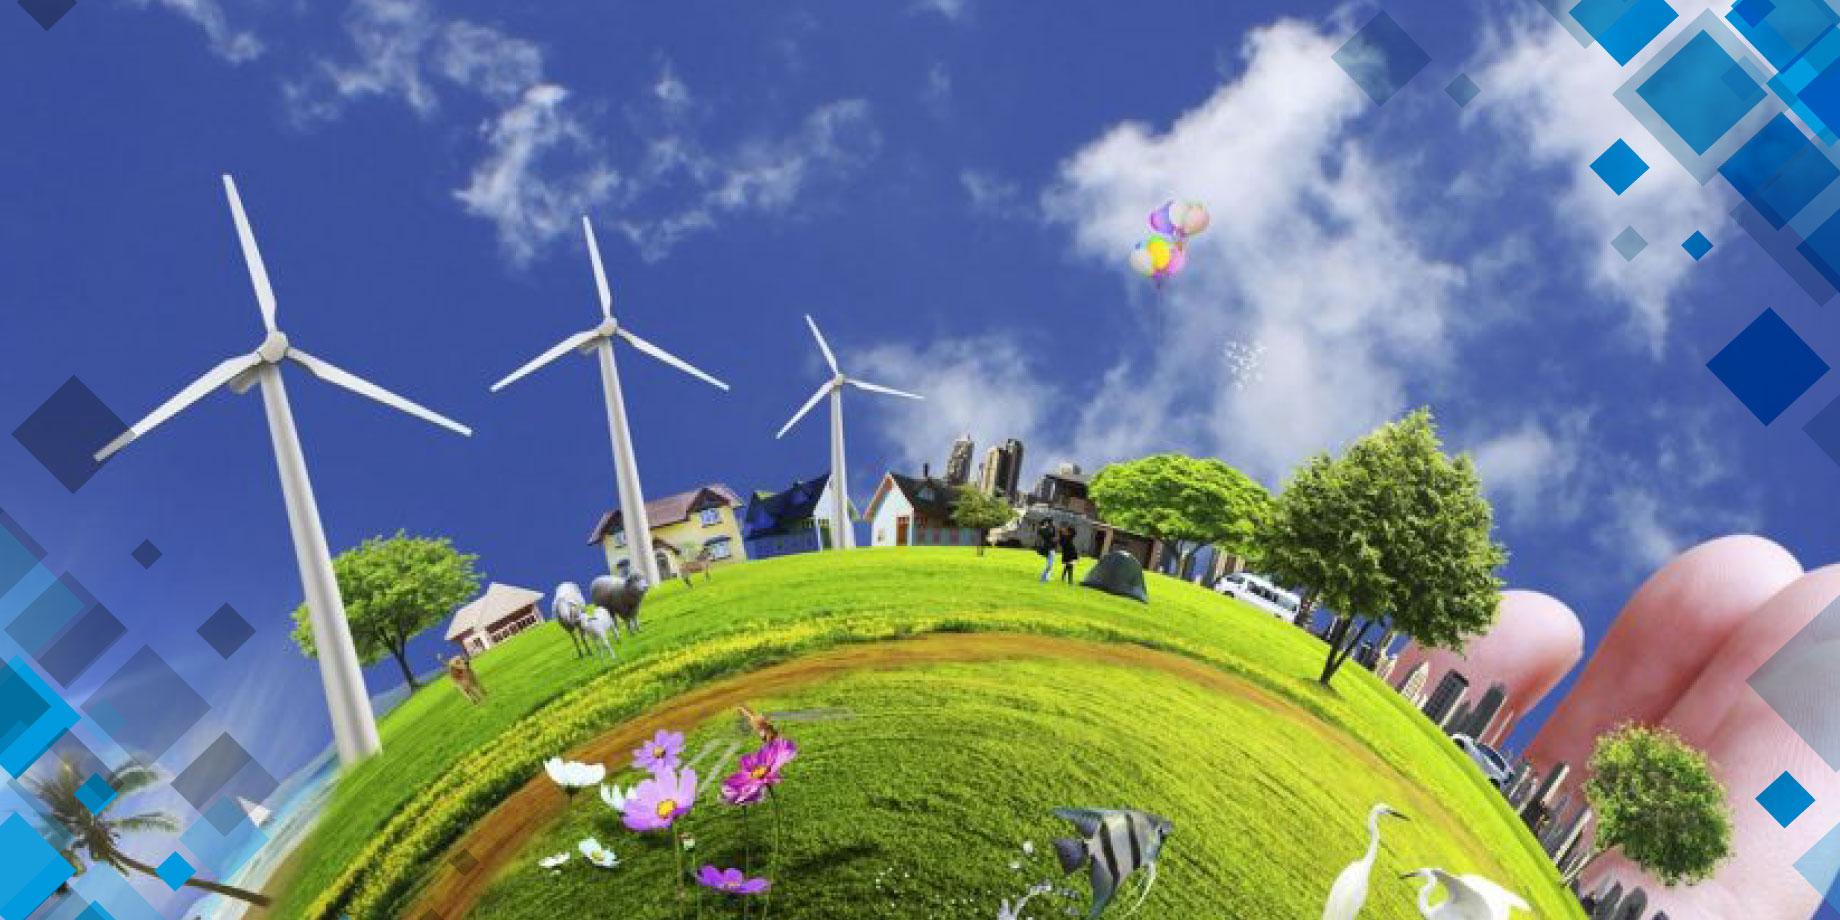 Seminario de educación para la sostenibilidad, compromiso de las instituciones de educación superior